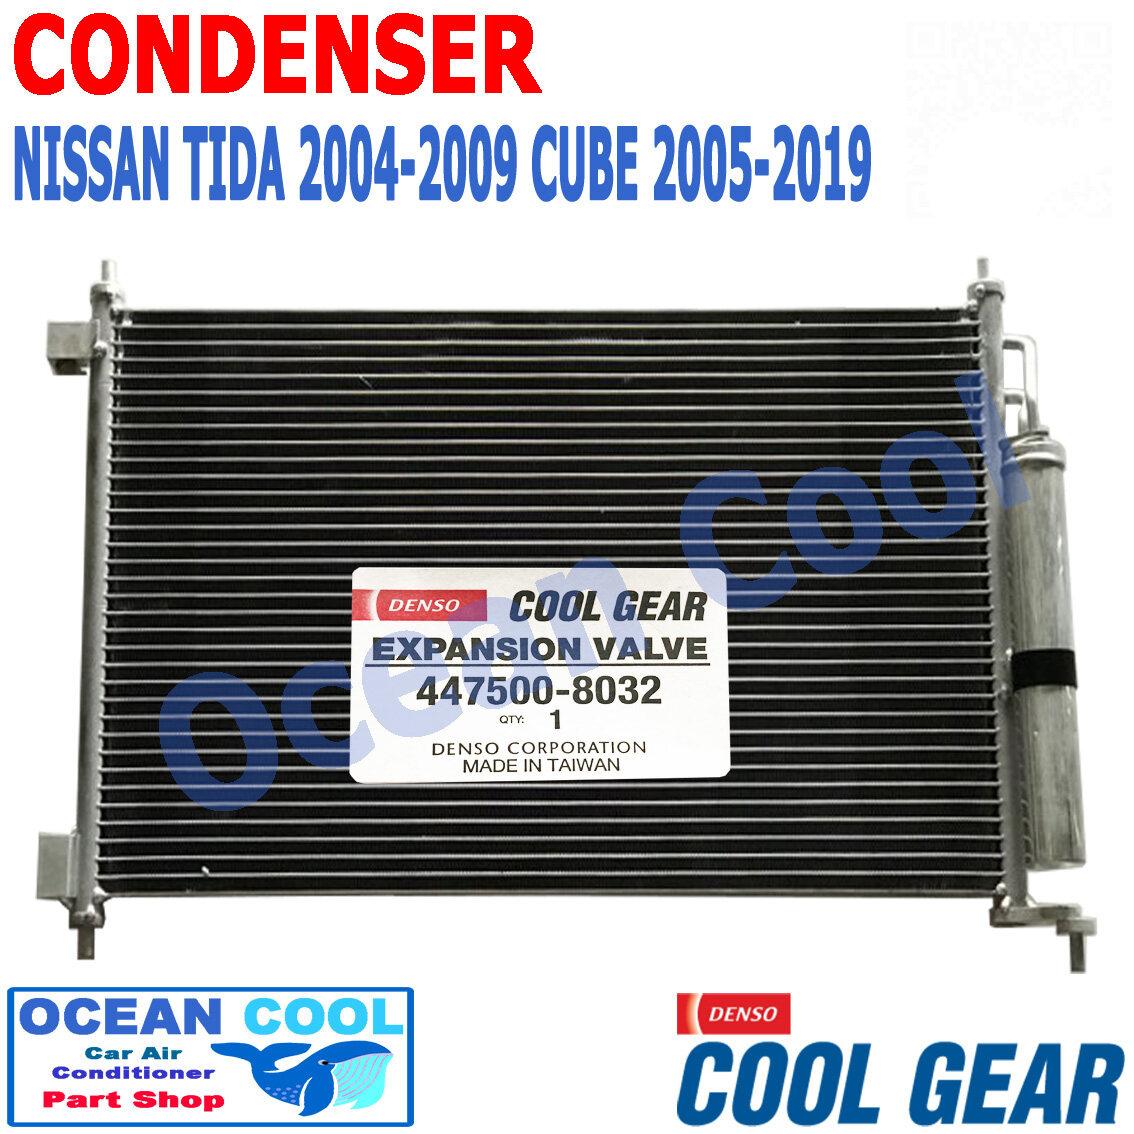 แผงแอร์ ทีด้า 2005 - 2019 , นิสสัน คิวบ์ 2004 - 2019 Cd0029 Cool Gear รหัส Di447780-36304w Condenser Nissan Tida , Cube รังผึ้ง คอนเดนเซอร์ แผงคอยล์ร้อน นิตสัน ทีดา พ.ศ. 2548 ถึง 2562 อะไหล่ แอร์ รถยนต์.